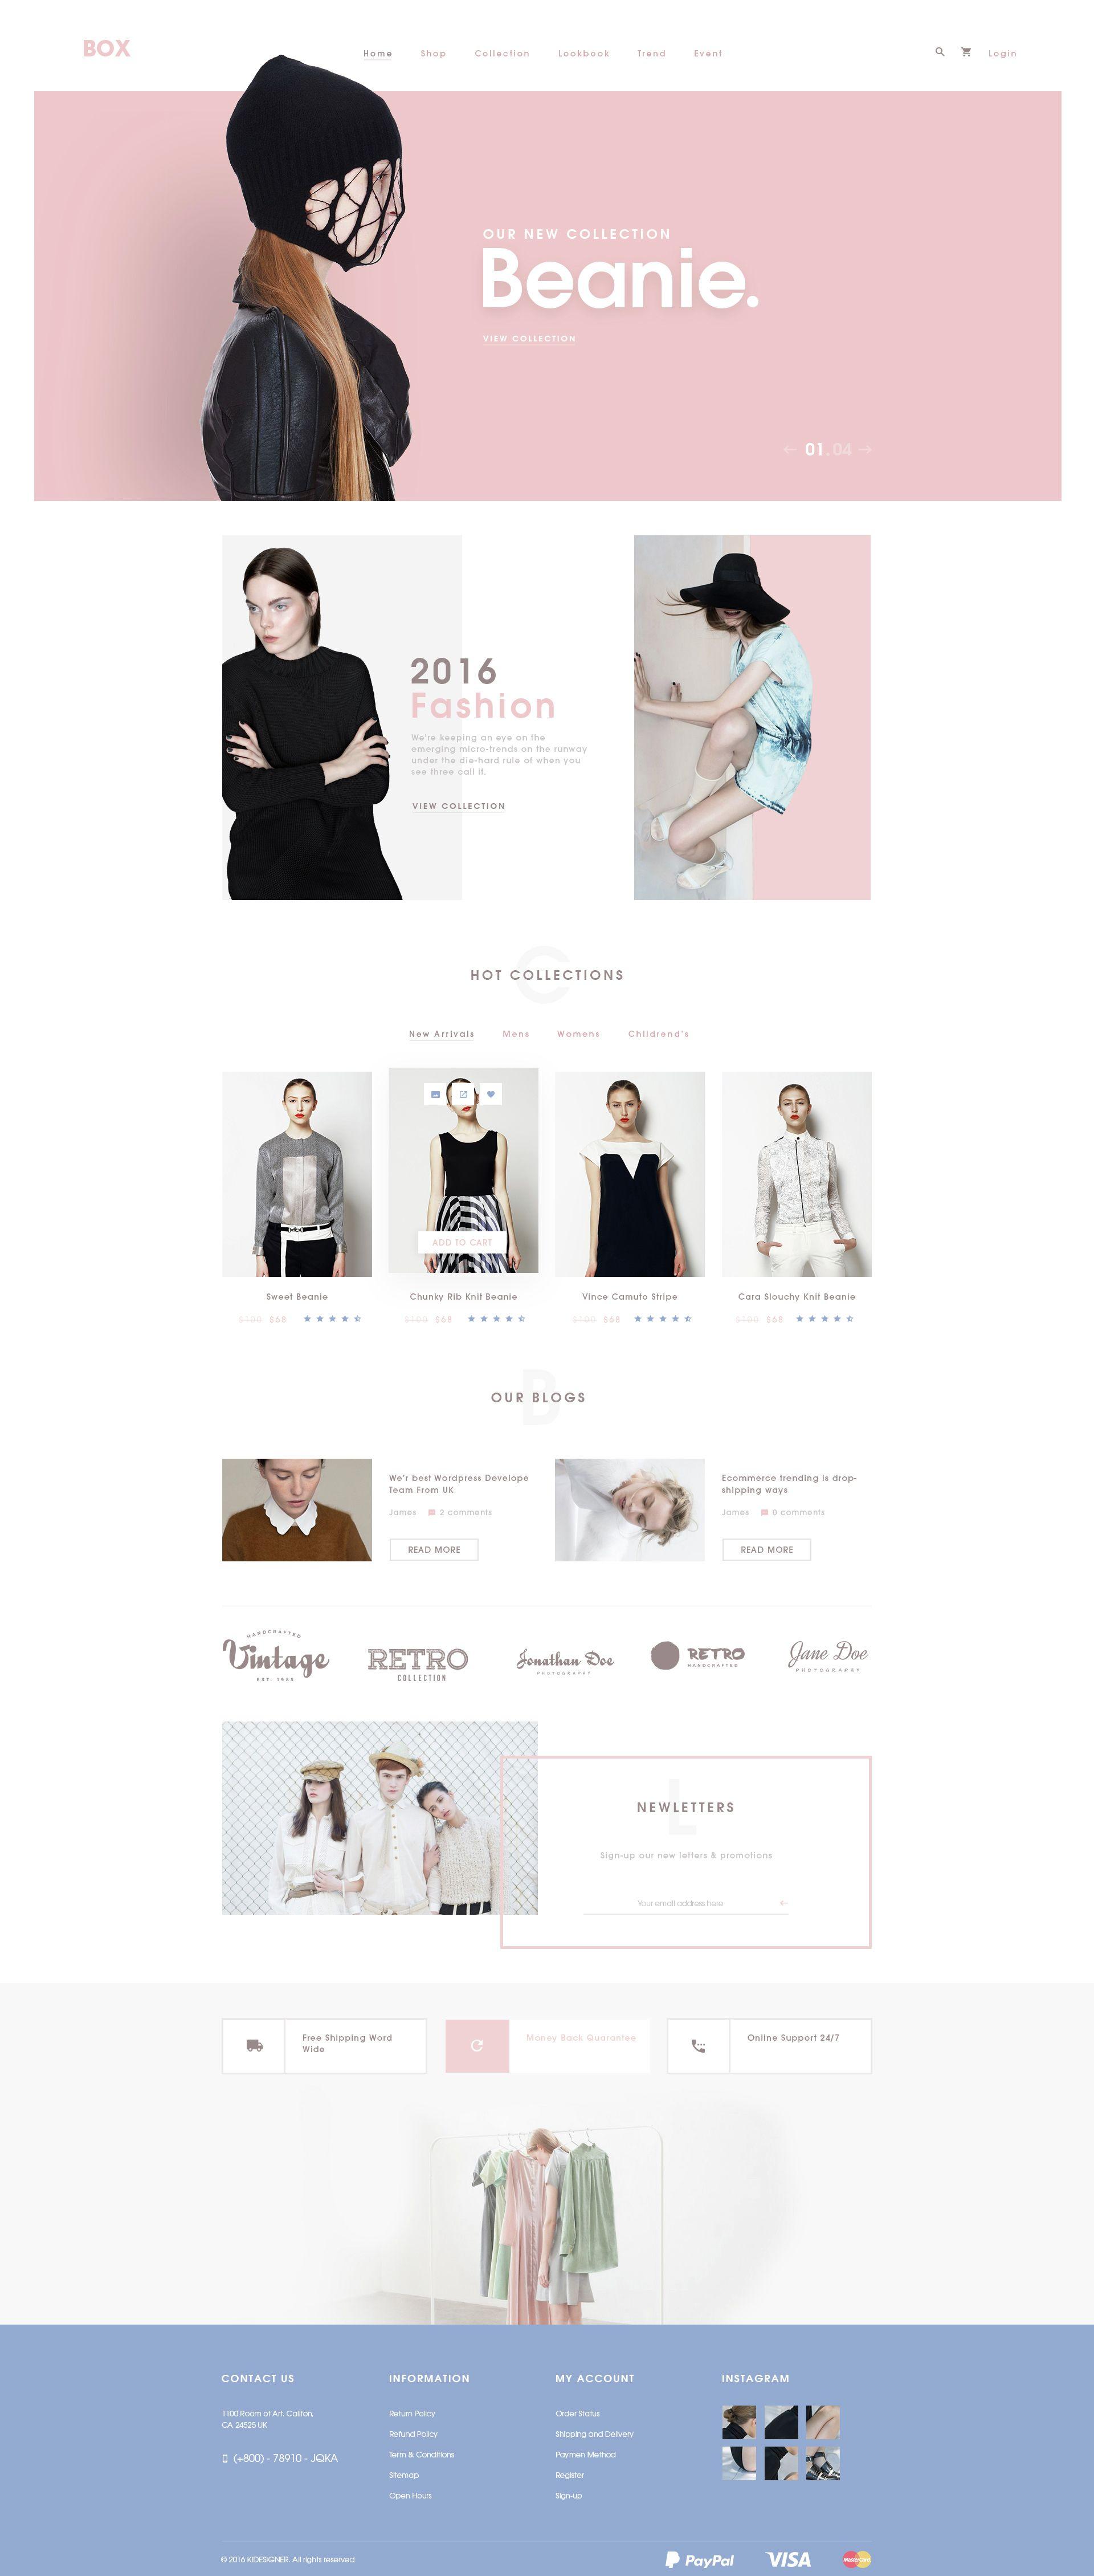 BOX Elegant Ecommerce PSD Templates Pinterest Psd Templates - Ecommerce site templates